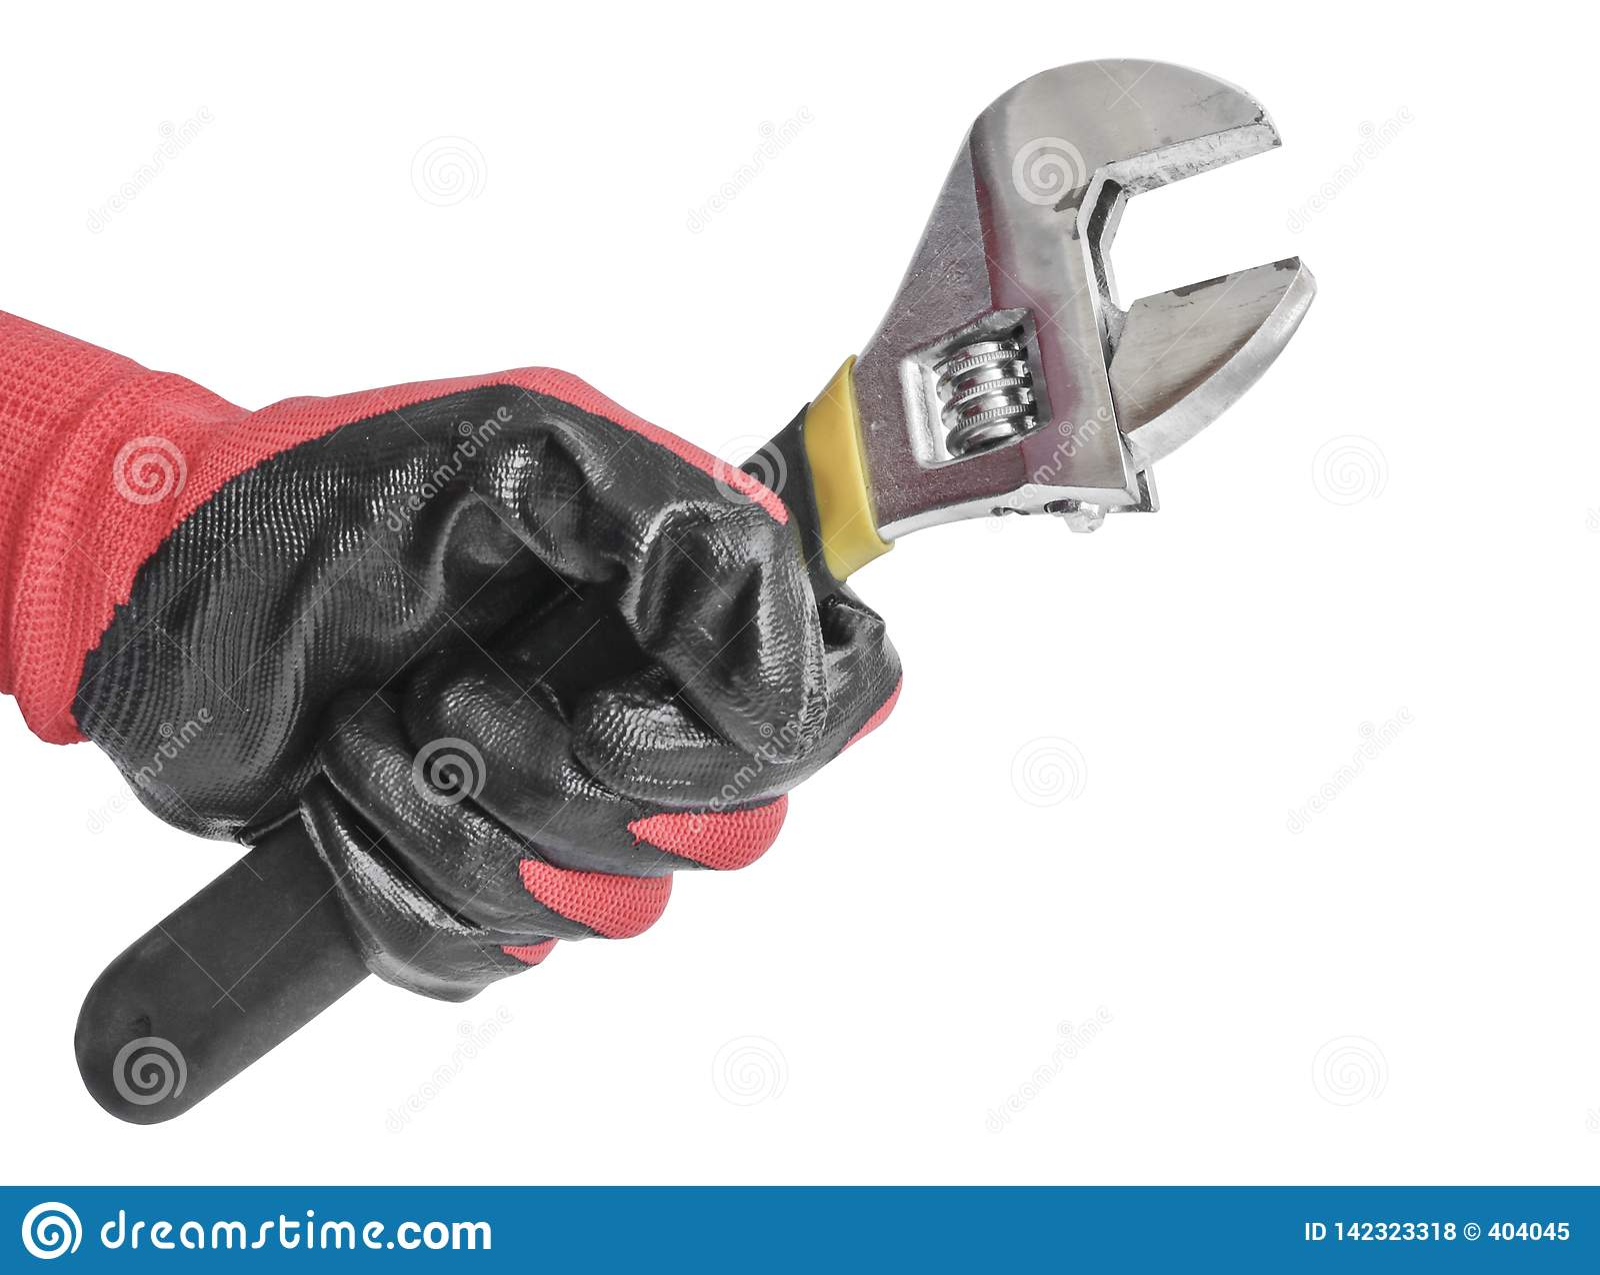 Το διευθετήσιμο γαλλικό κλειδί σε έναν ανθρώπινο παραδίδει ένα κόκκινο λειτουργώντας γάντι Εργαλείο κλειδαράδων